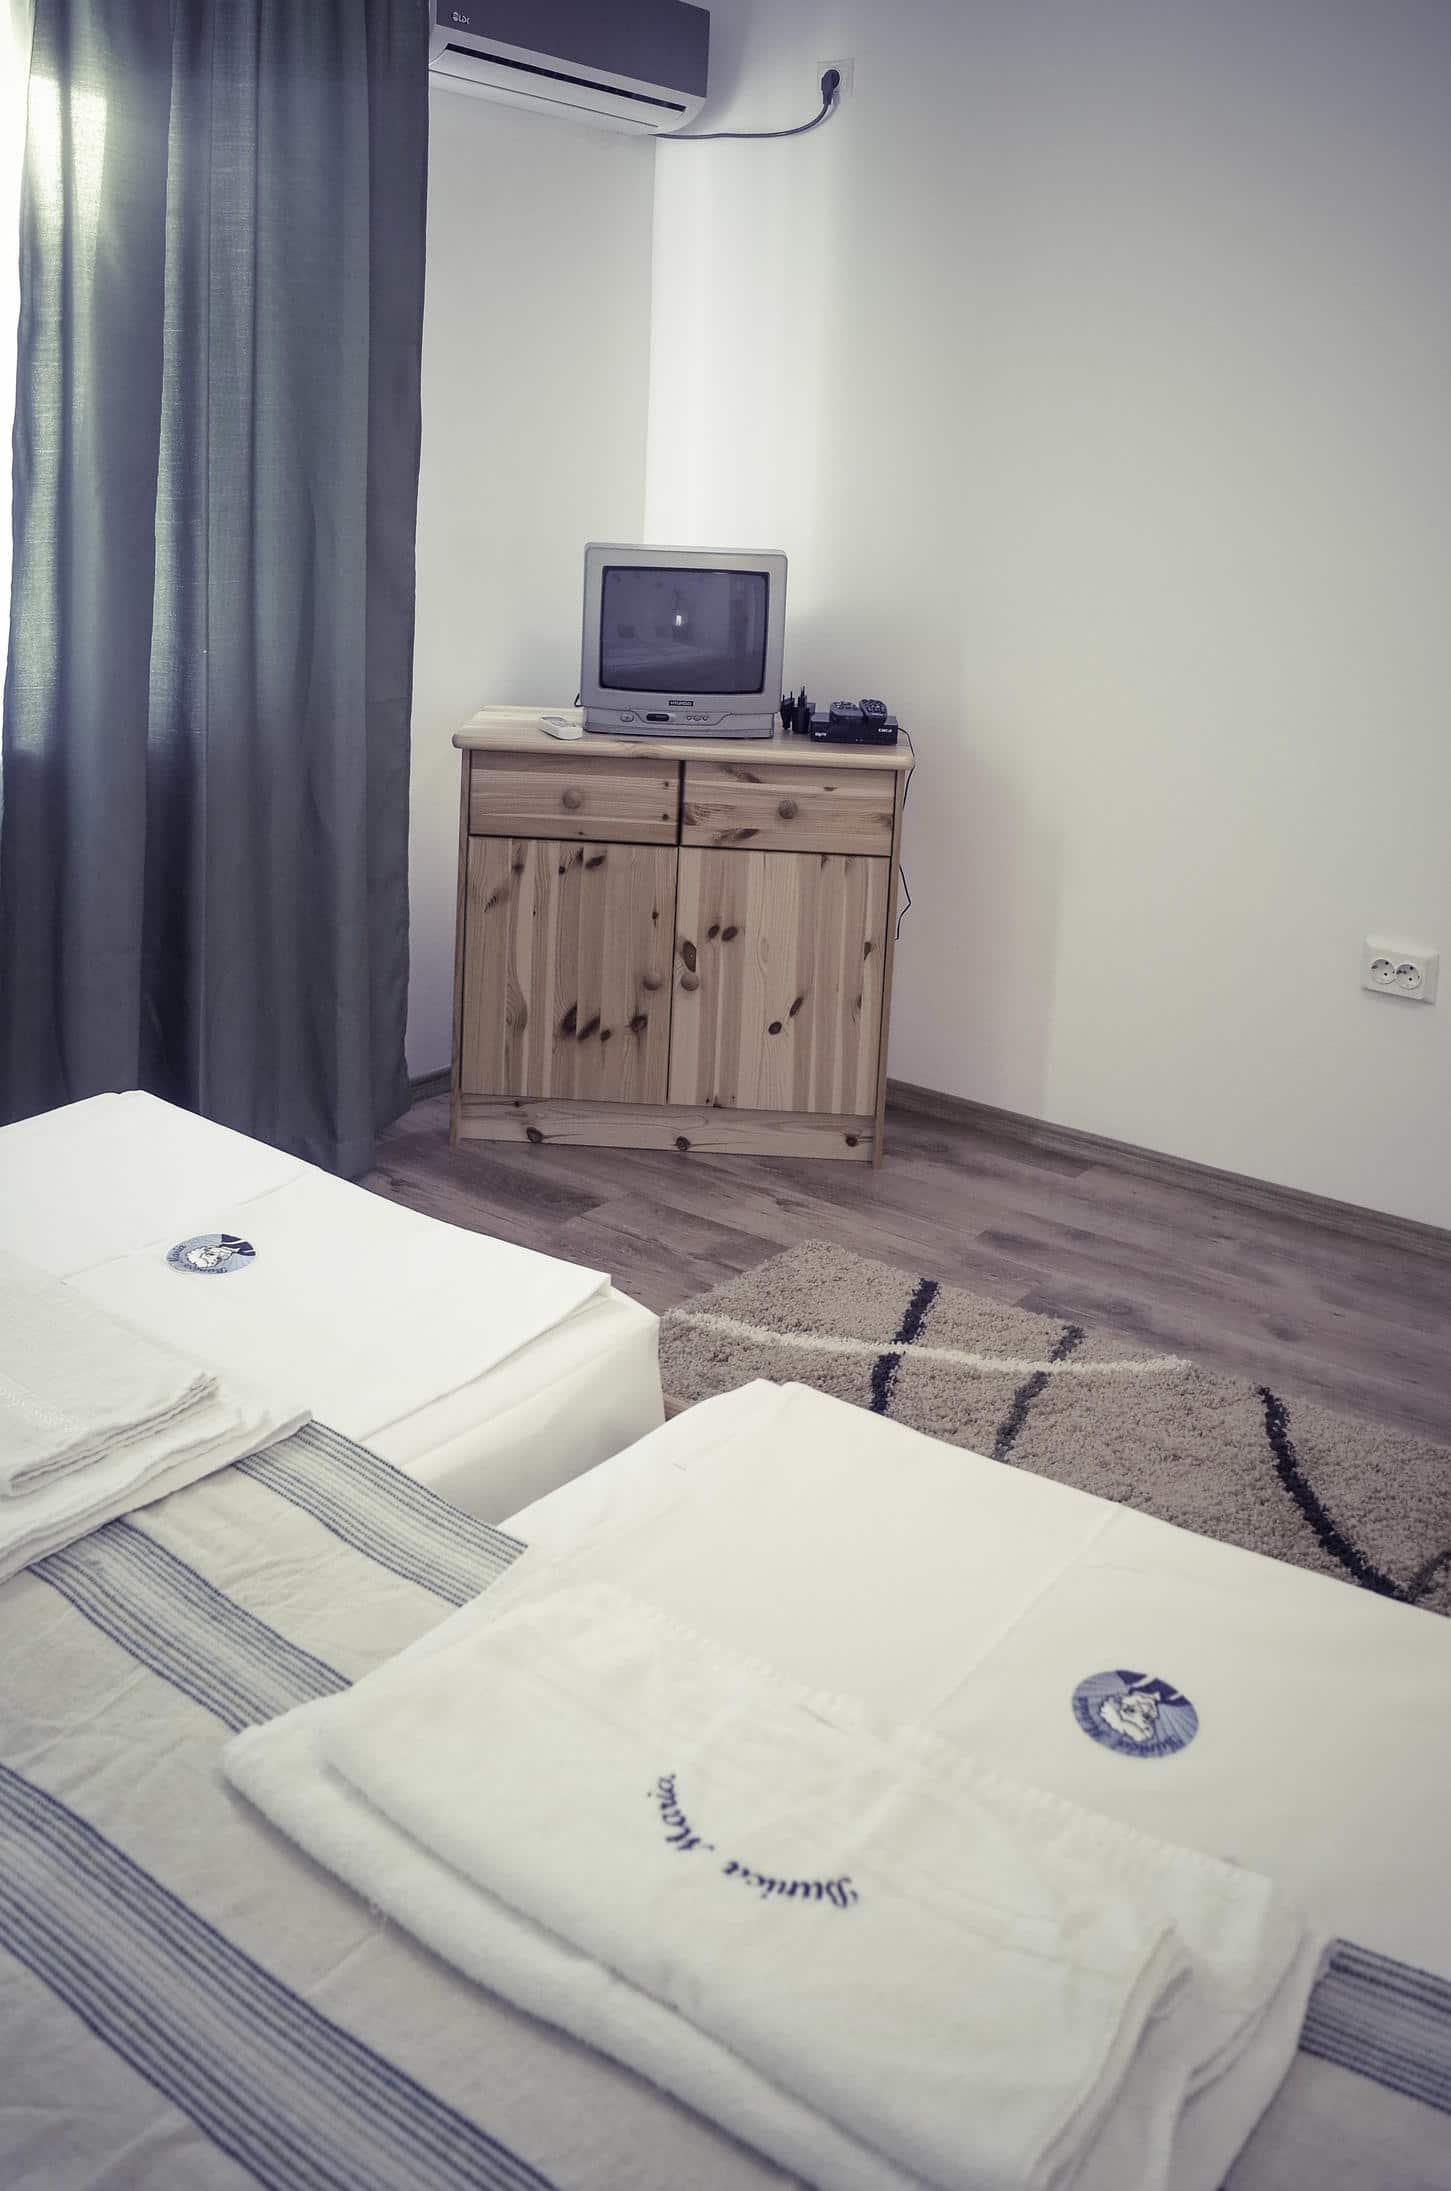 Room no. 7-2